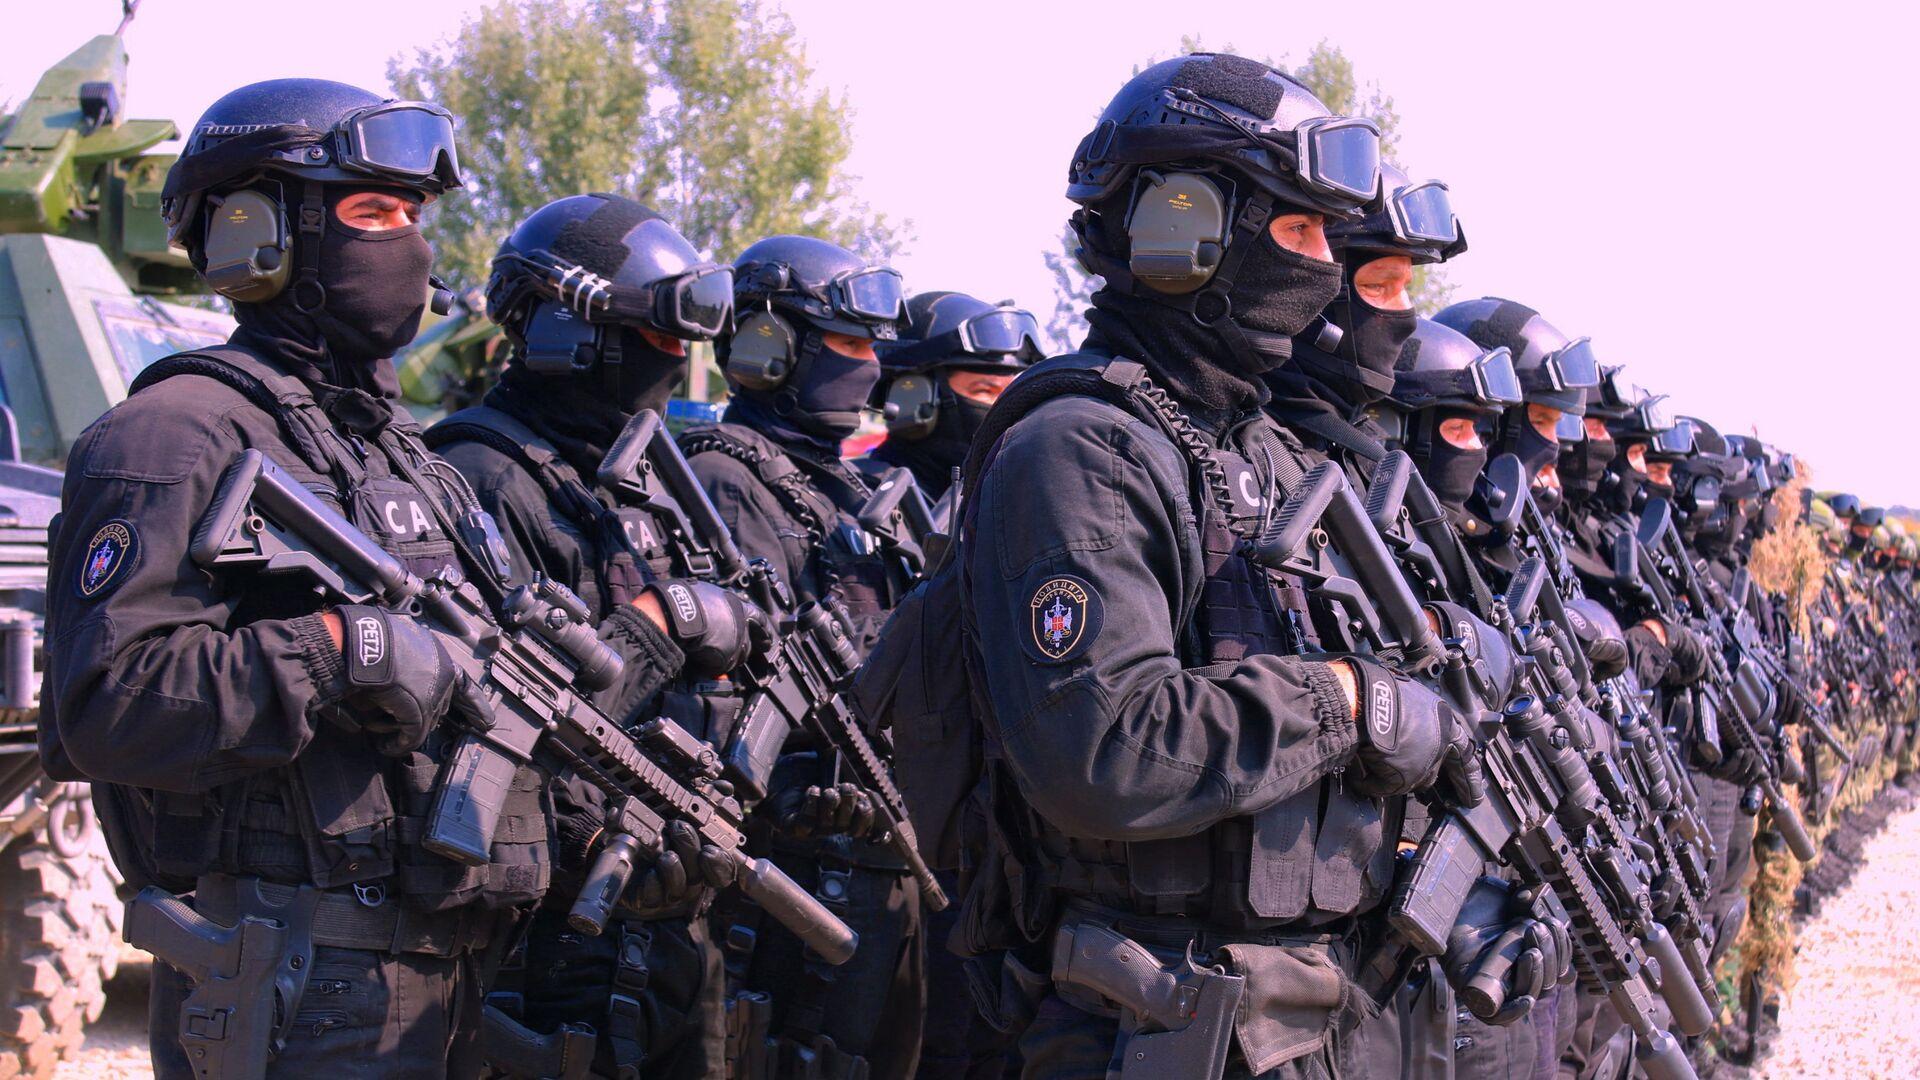 Specijalna antiteroristička jedinica (skraćeno SAJ) je specijalna policijska jedinica i spada među najelitnije. - Sputnik Srbija, 1920, 12.09.2021